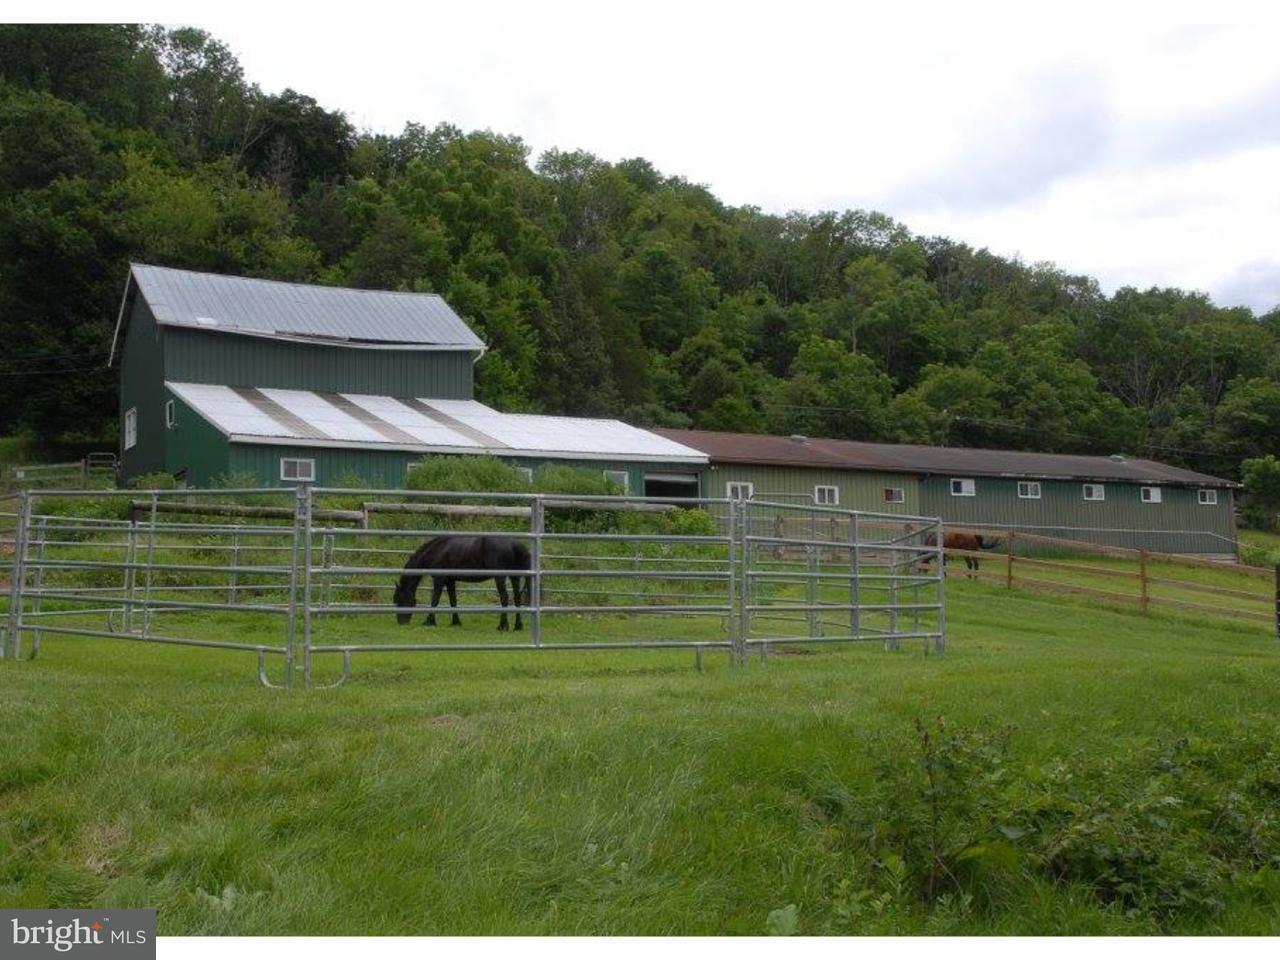 Частный односемейный дом для того Продажа на 411 RIVERVIEW Drive Walnutport, Пенсильвания 18088 Соединенные Штаты